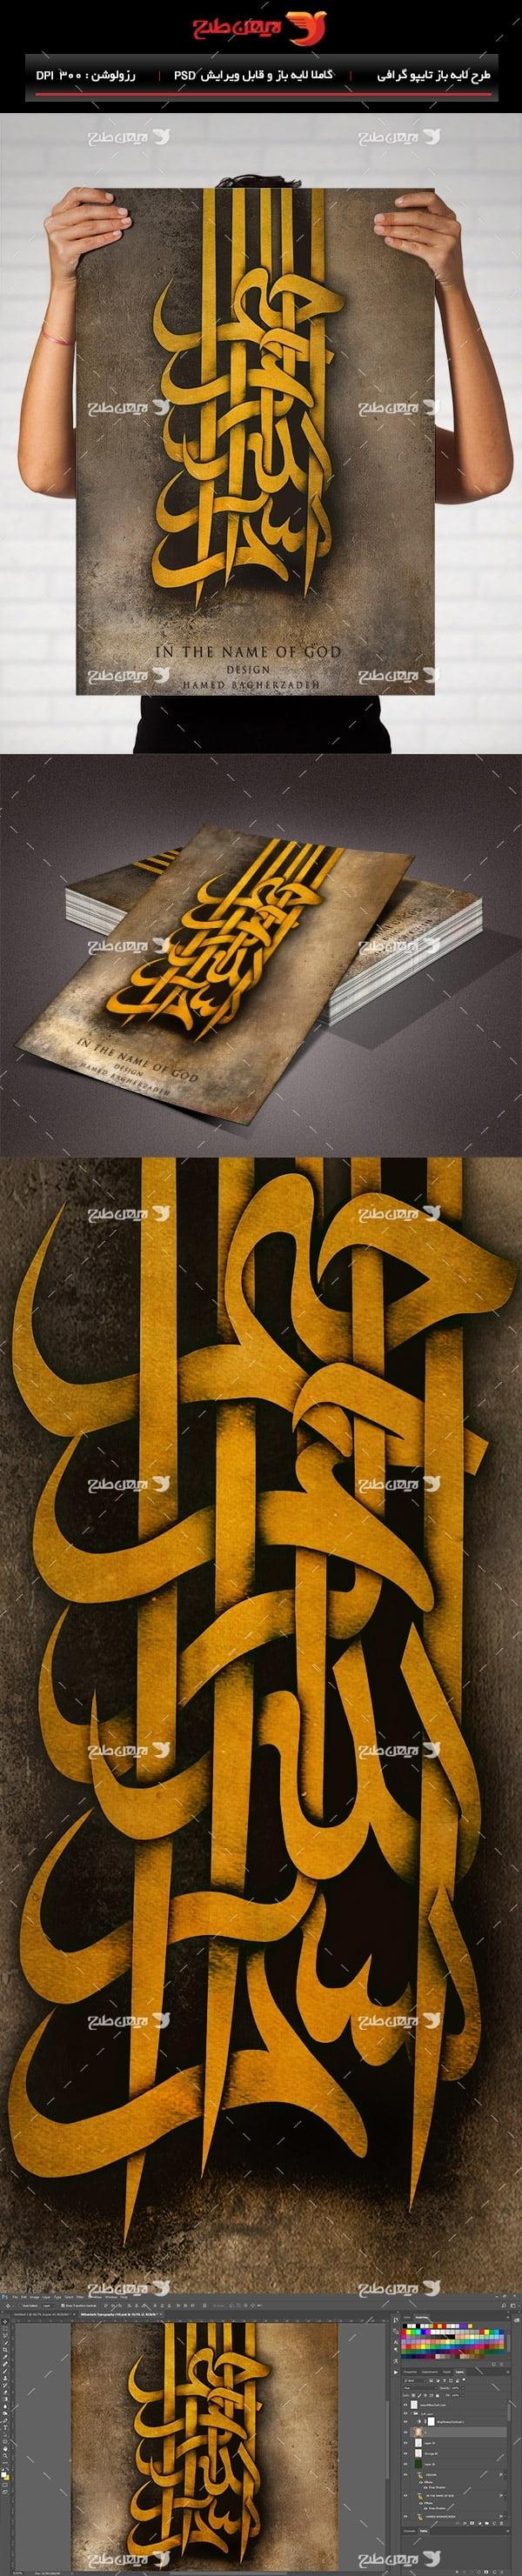 طرح لایه باز تایپوگرافی و خطاطی بسم الله الرحمن الرحیم